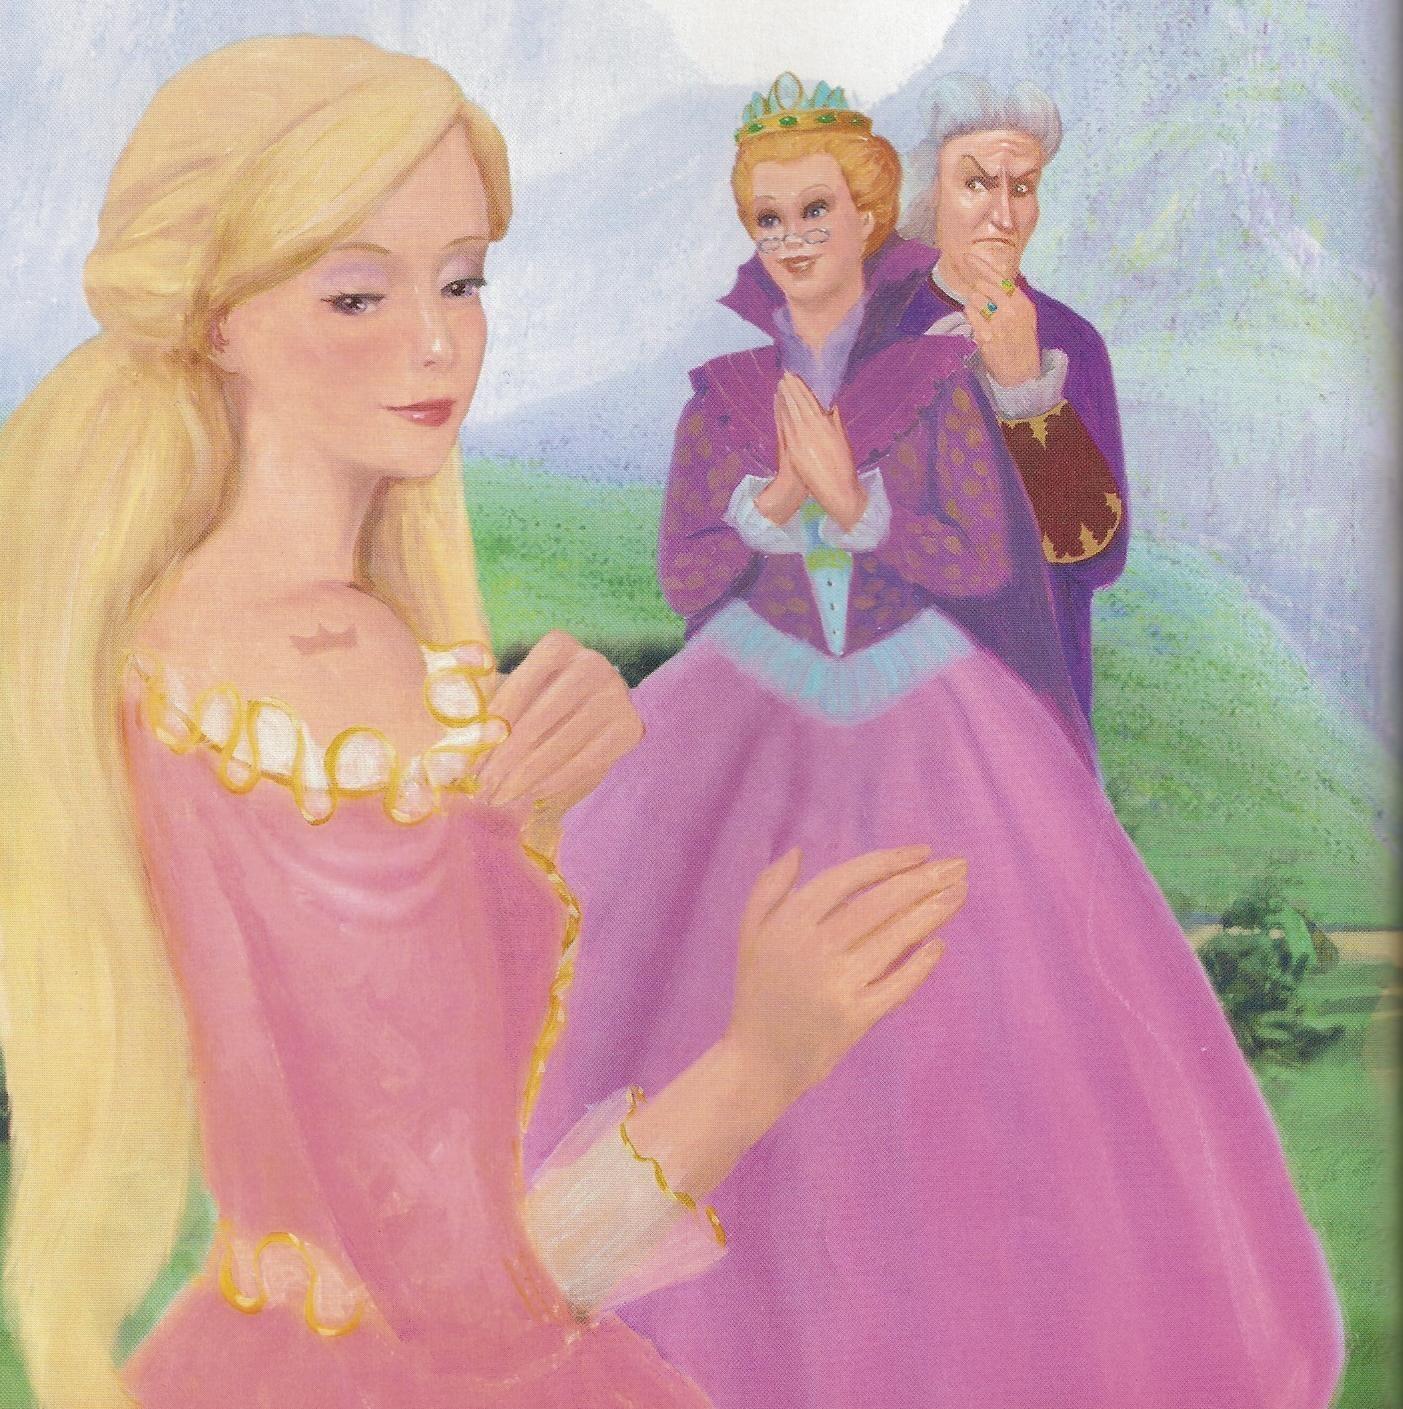 barbie princess and the pauper | ♥ Lights, Camera, Barbie ...